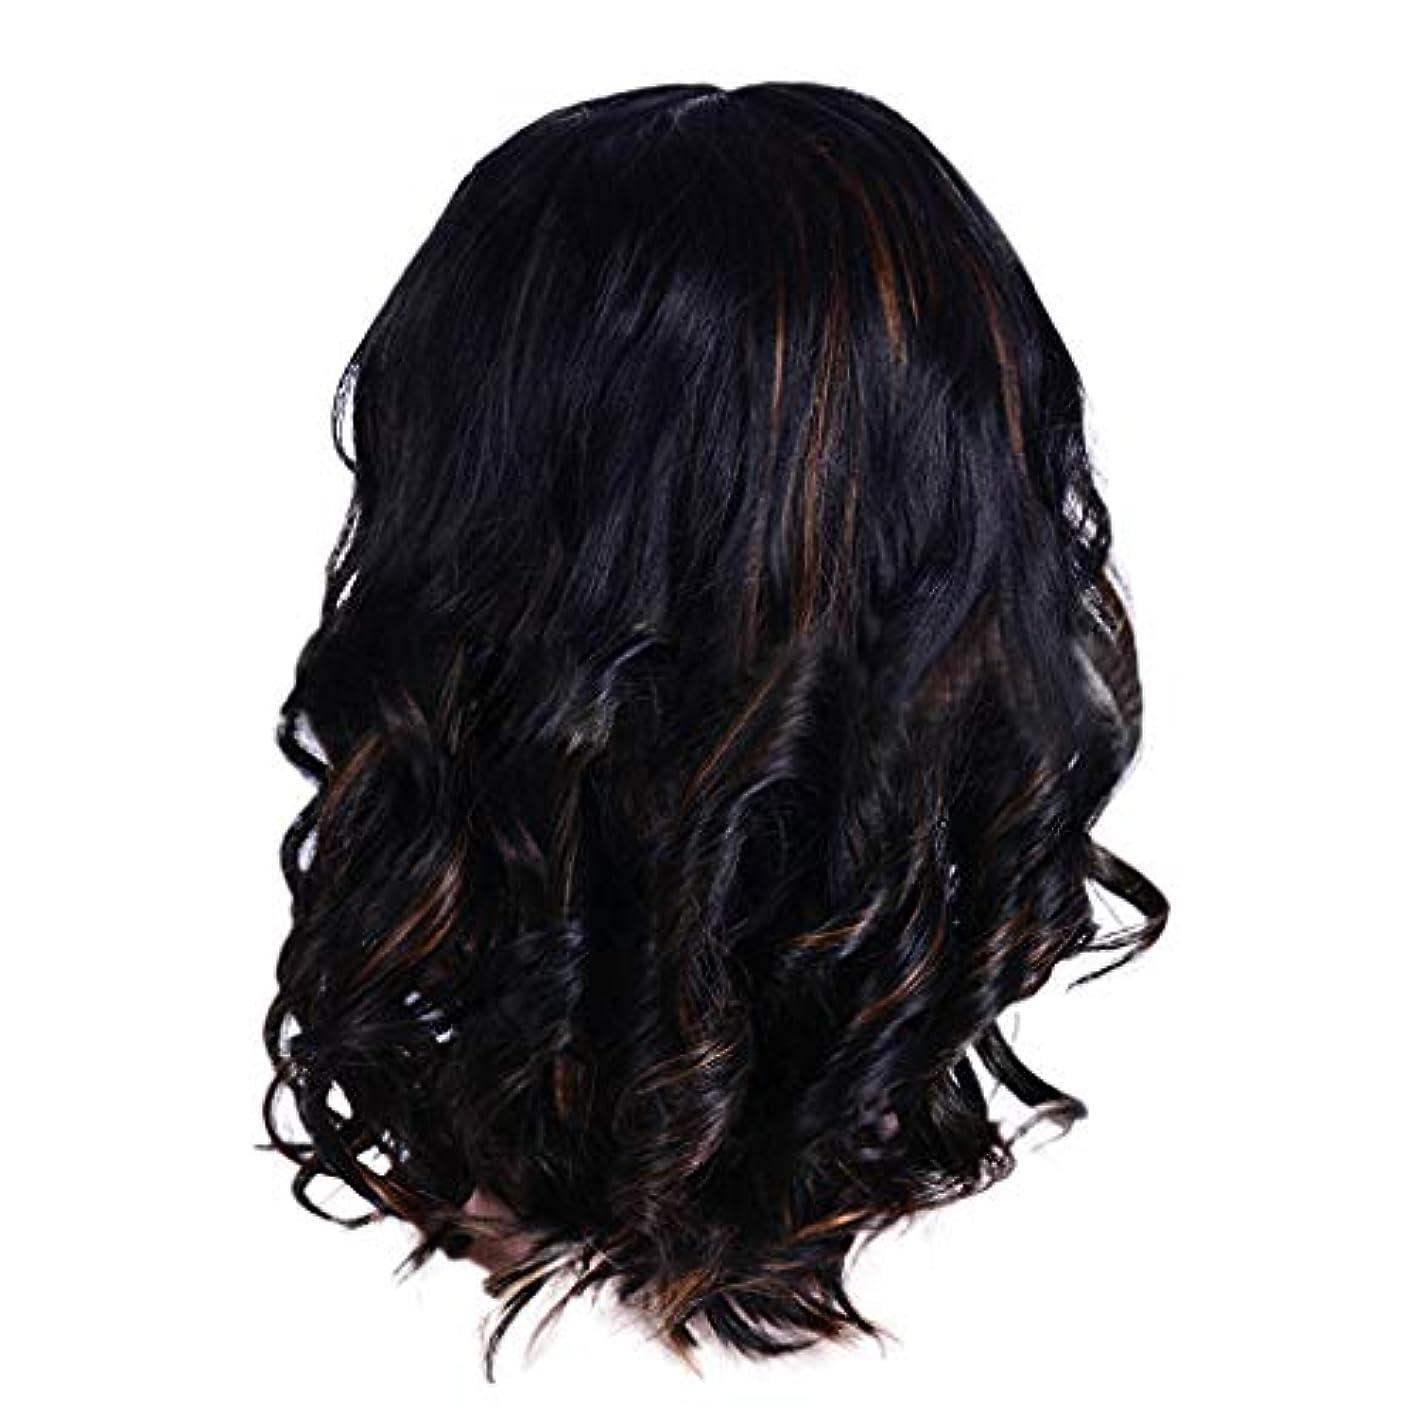 以前は食事陸軍ウィッグの女性の短い巻き毛の黒ボブエレガントなファッションウィッグ